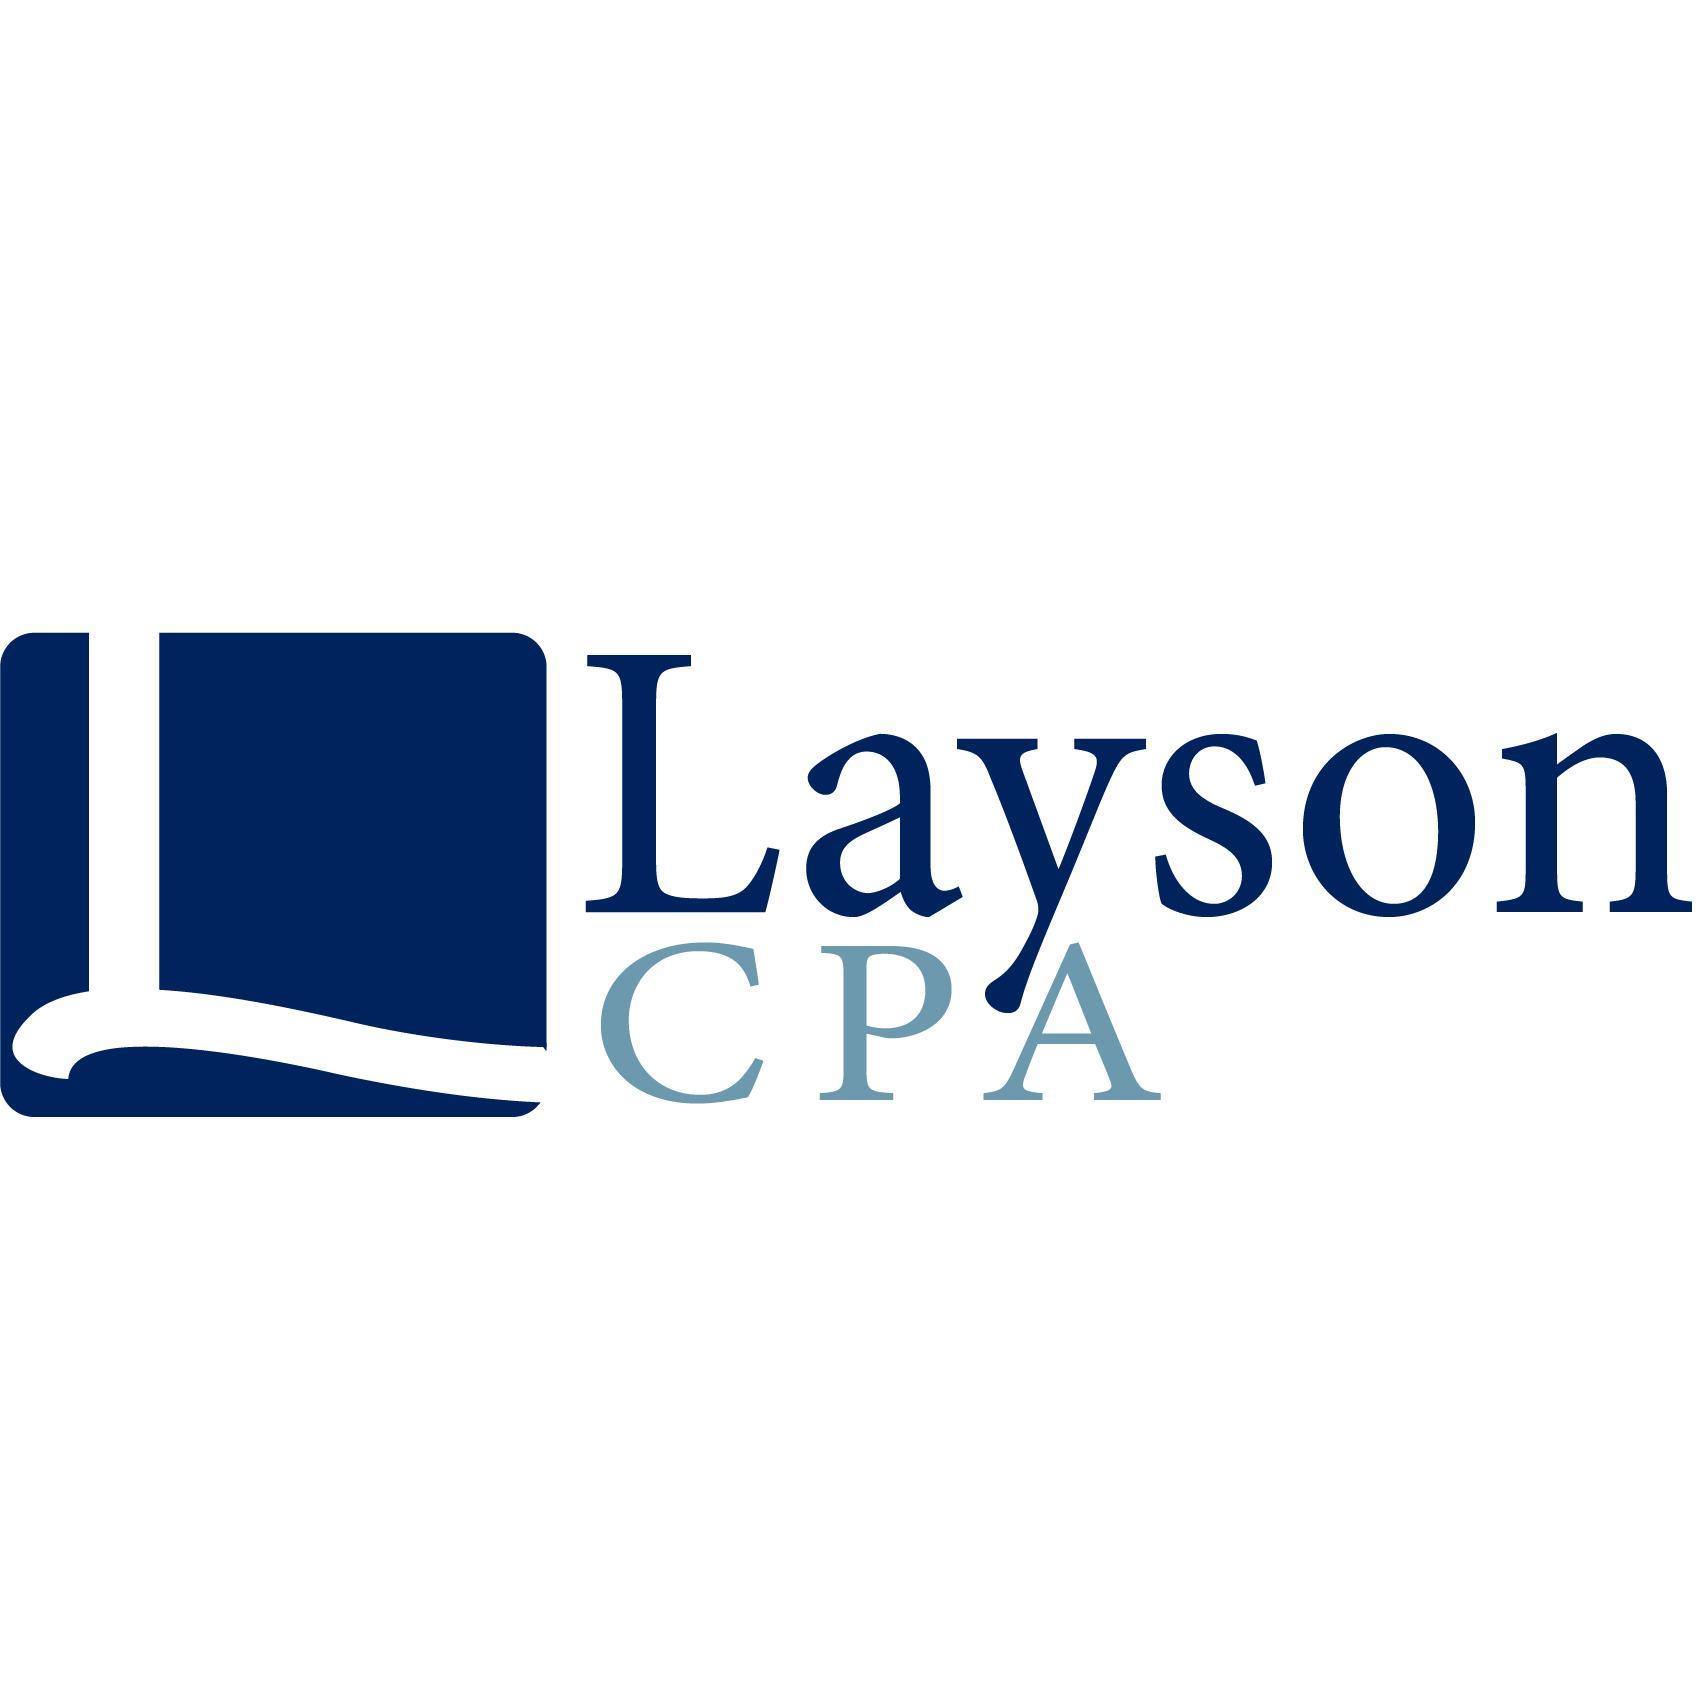 Layson, CPA - Macon, GA 31210 - (478)259-0523 | ShowMeLocal.com